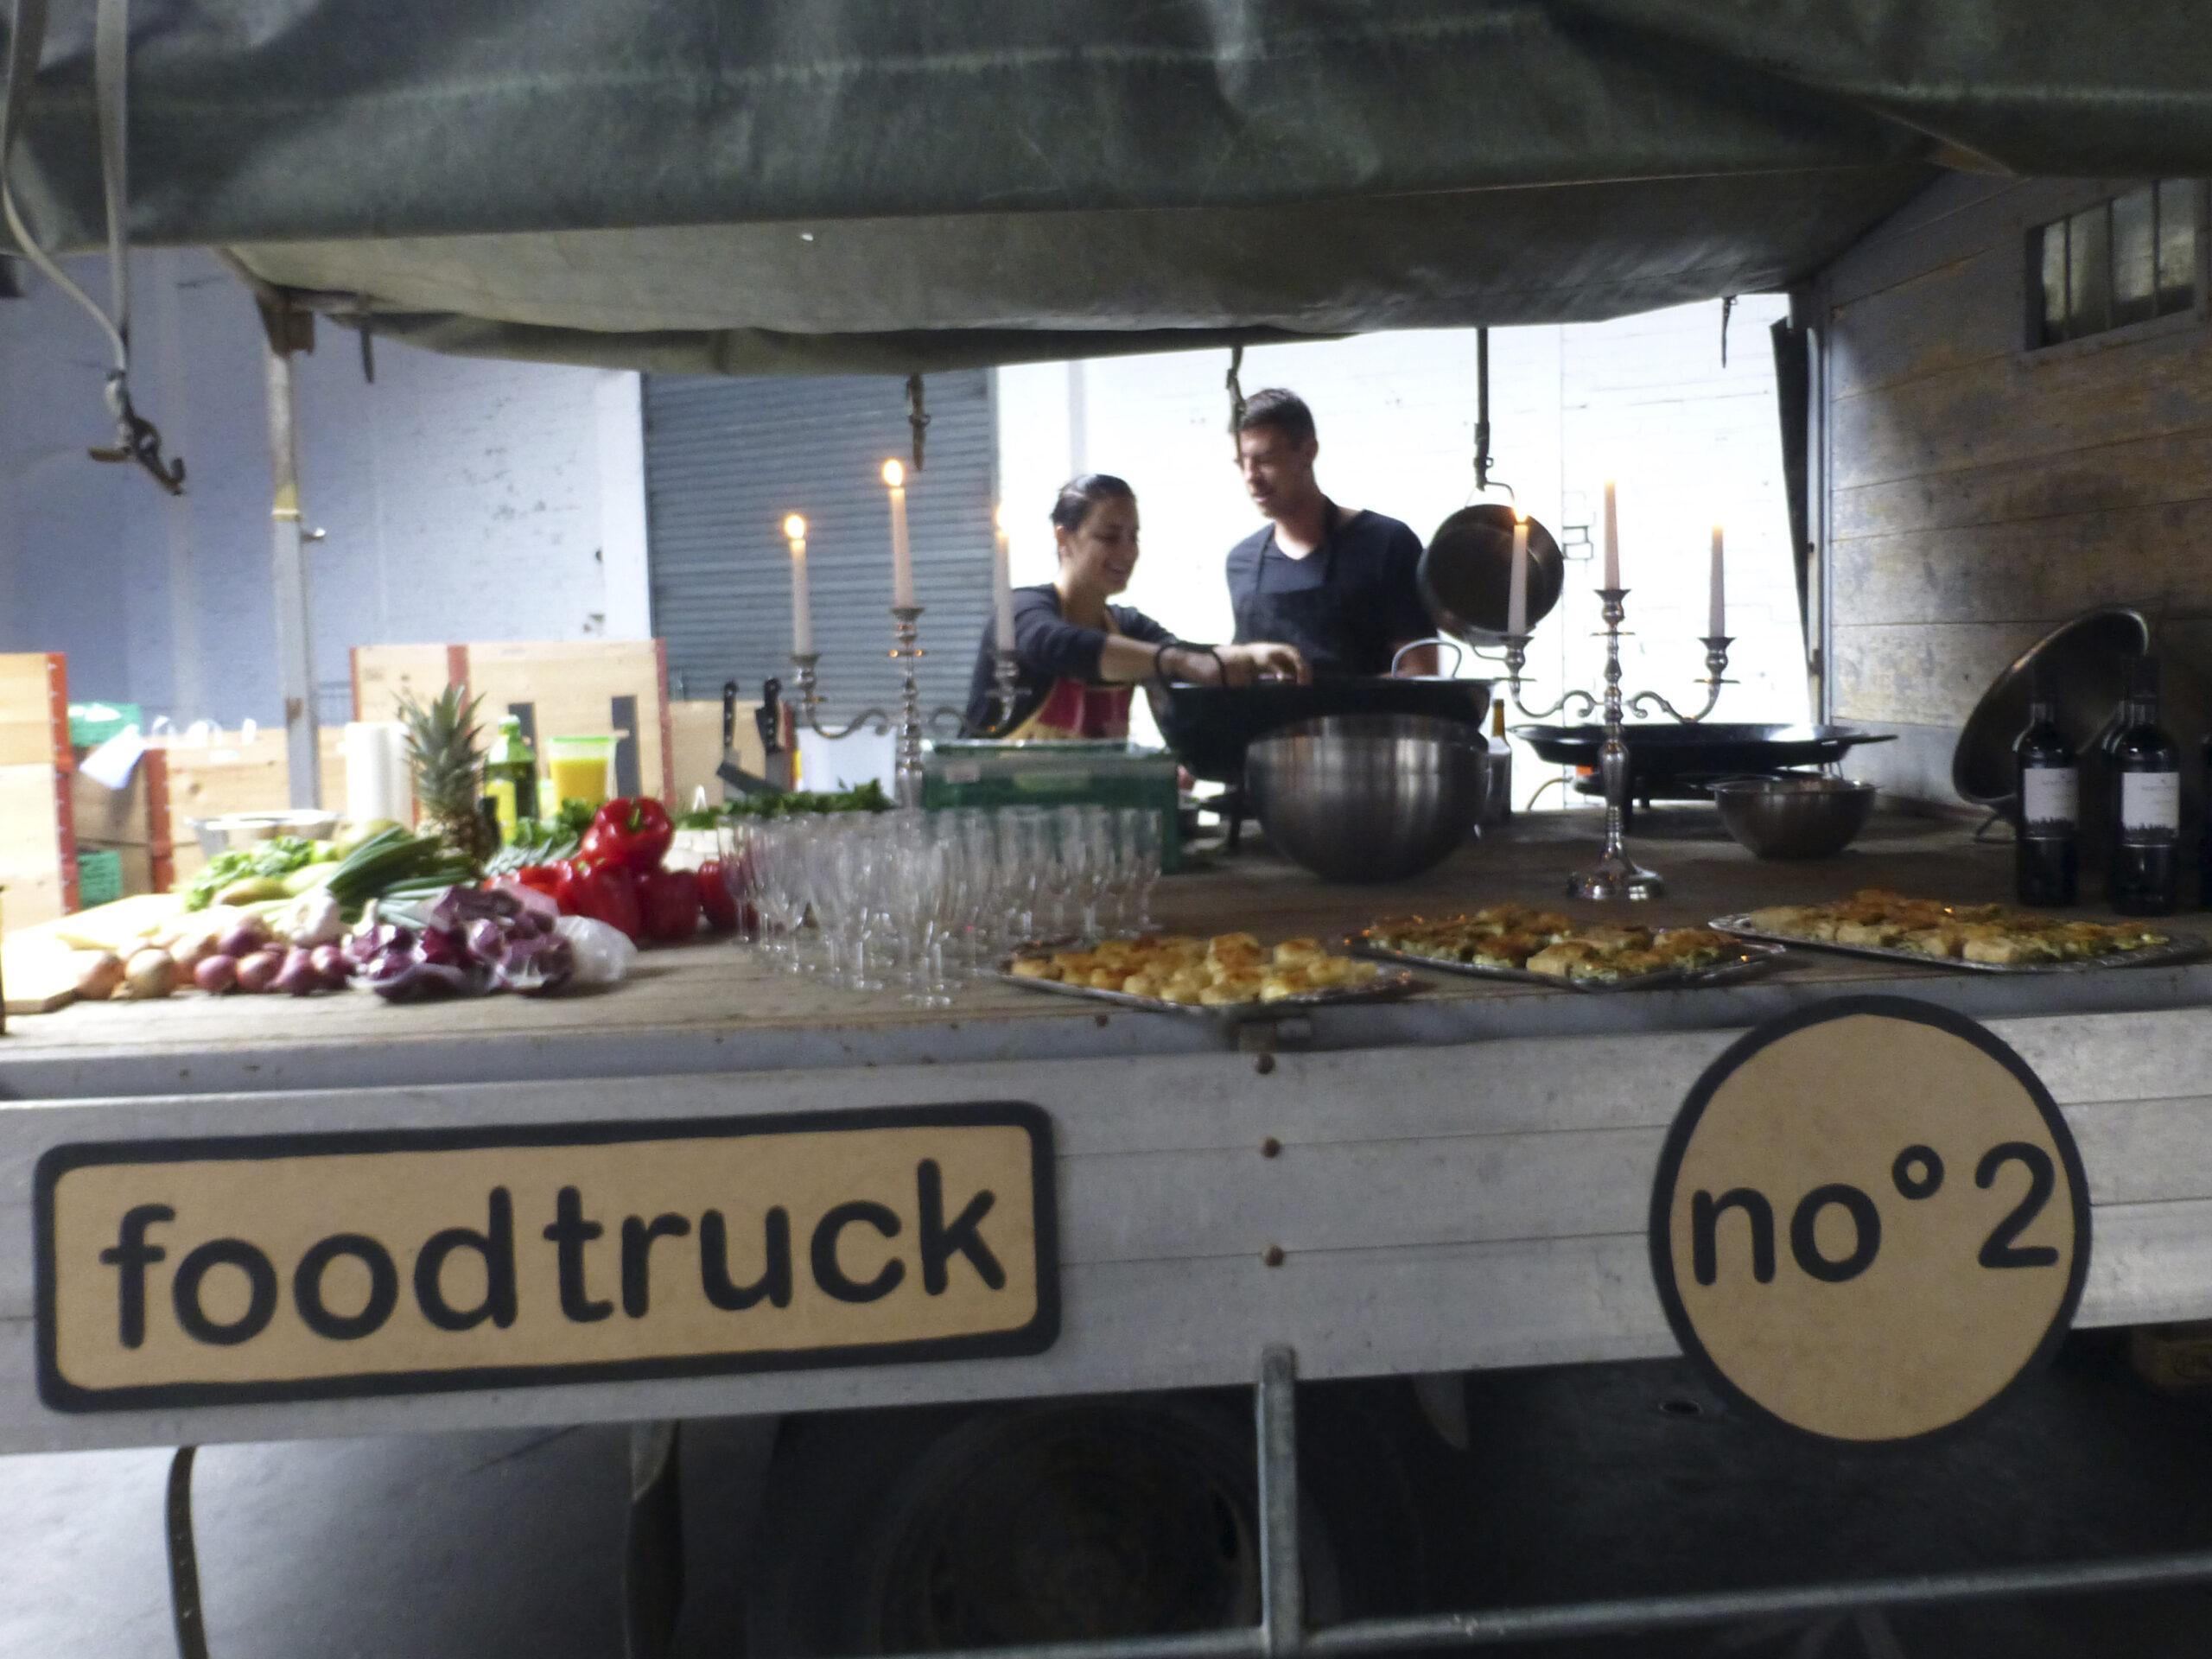 FOOD-TRUCK-NO-020005